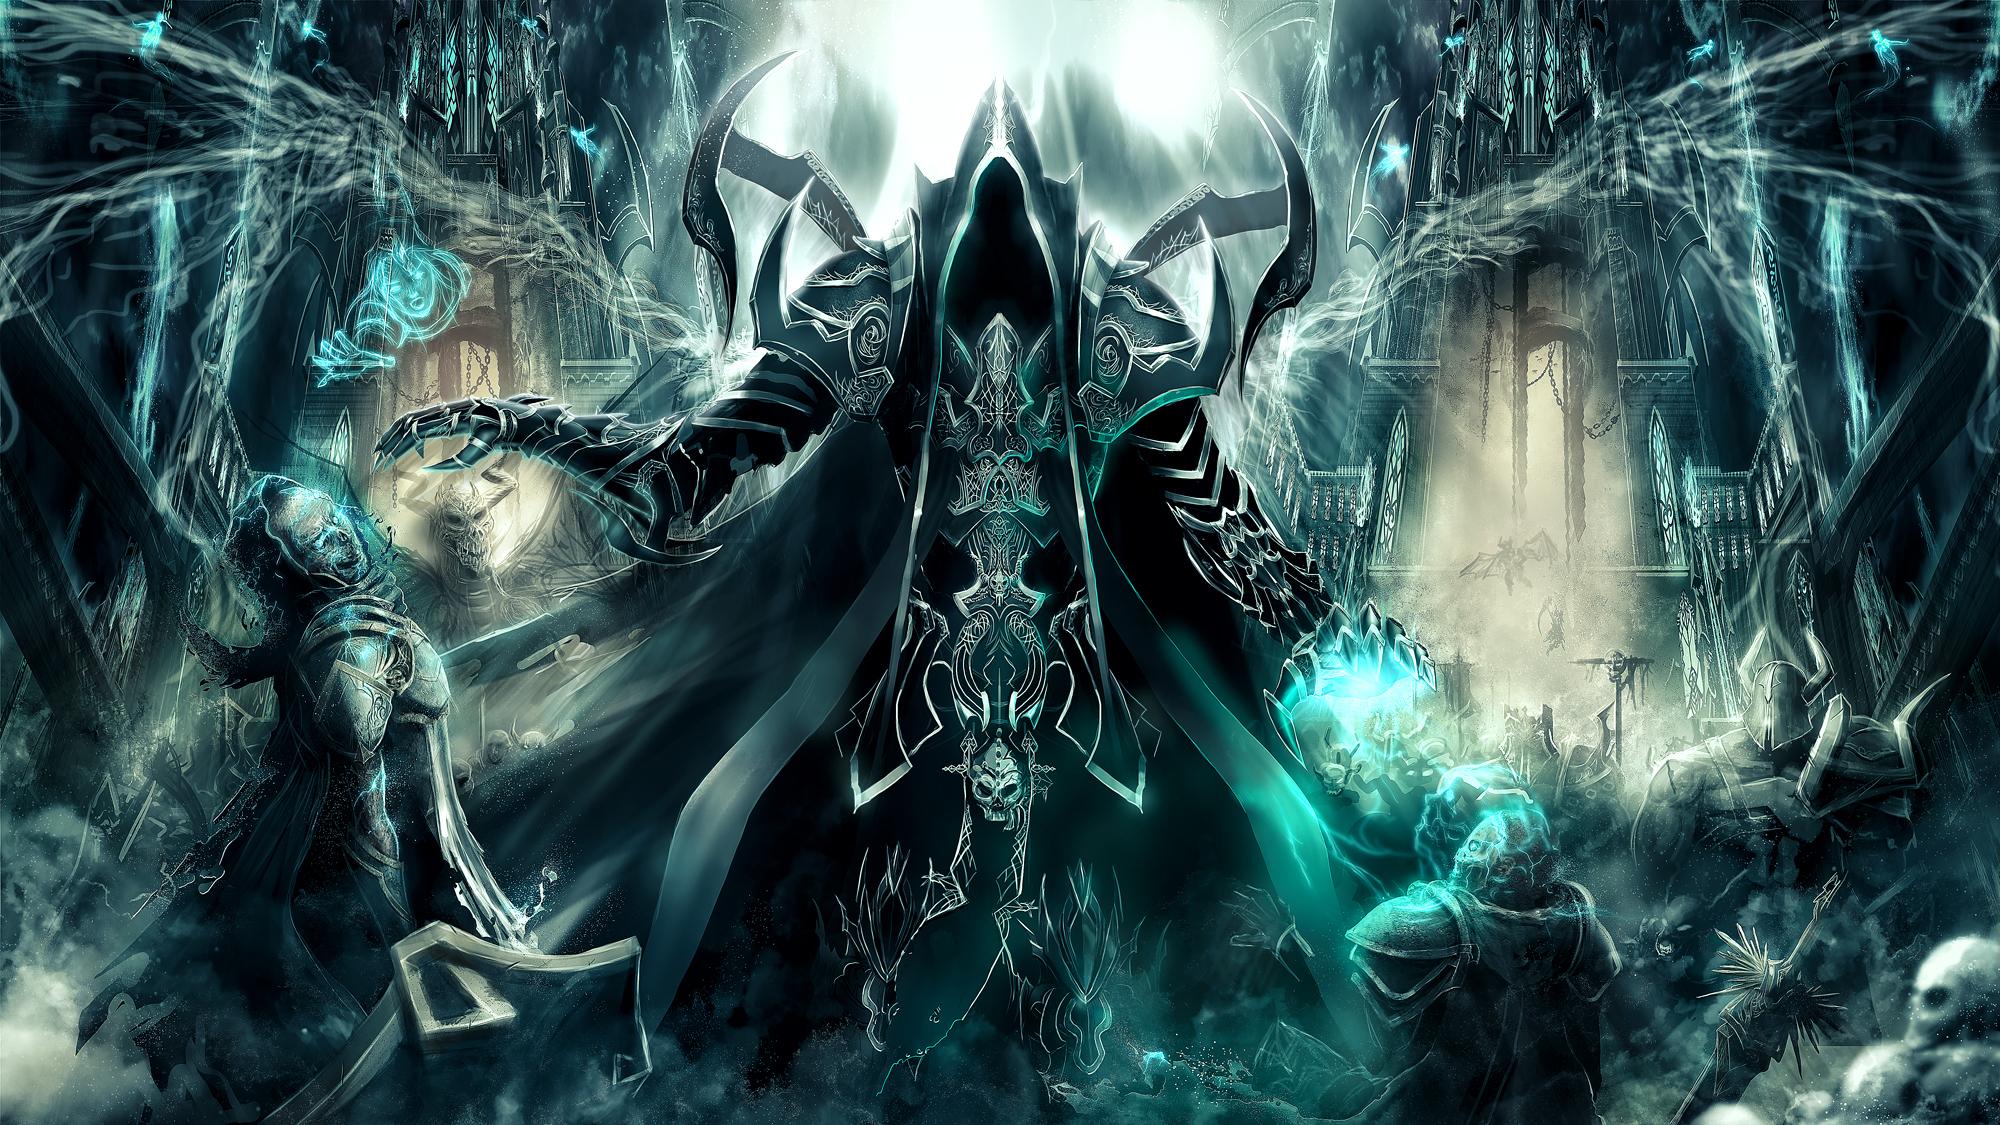 diablo 3 reaper of souls hd wallpaper